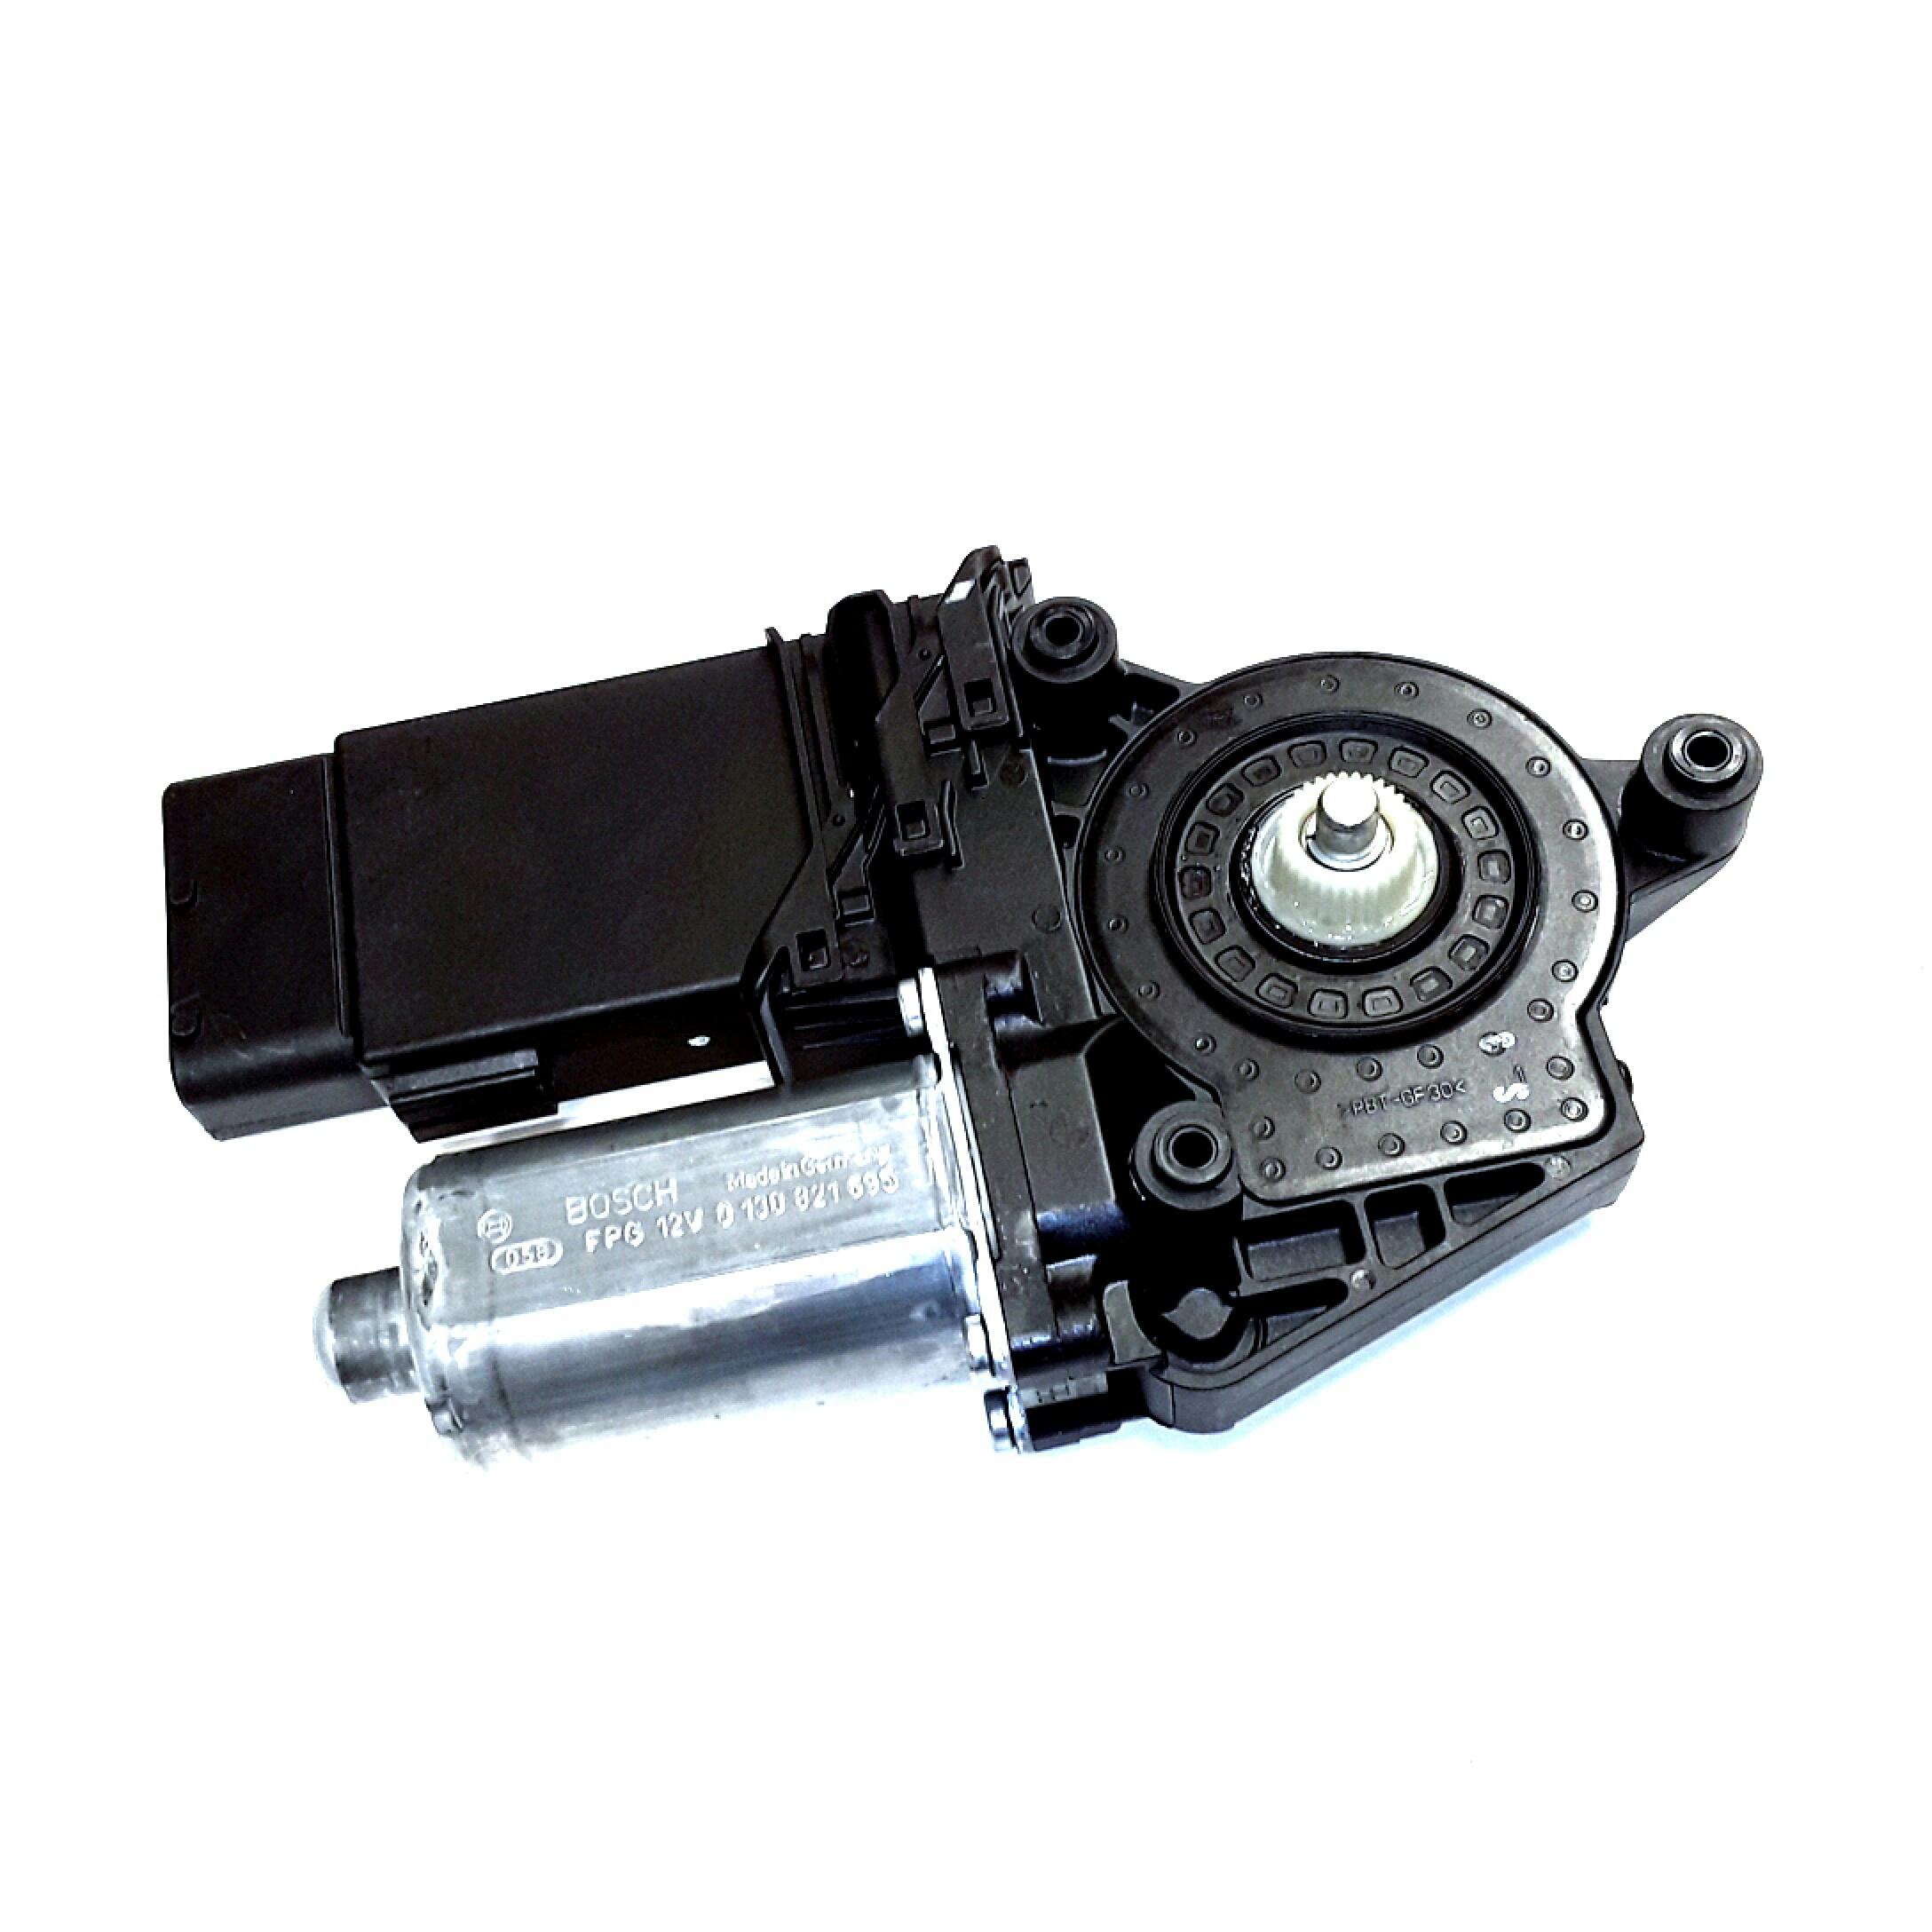 2005 Volkswagen Passat Power Window Motor Window Motor